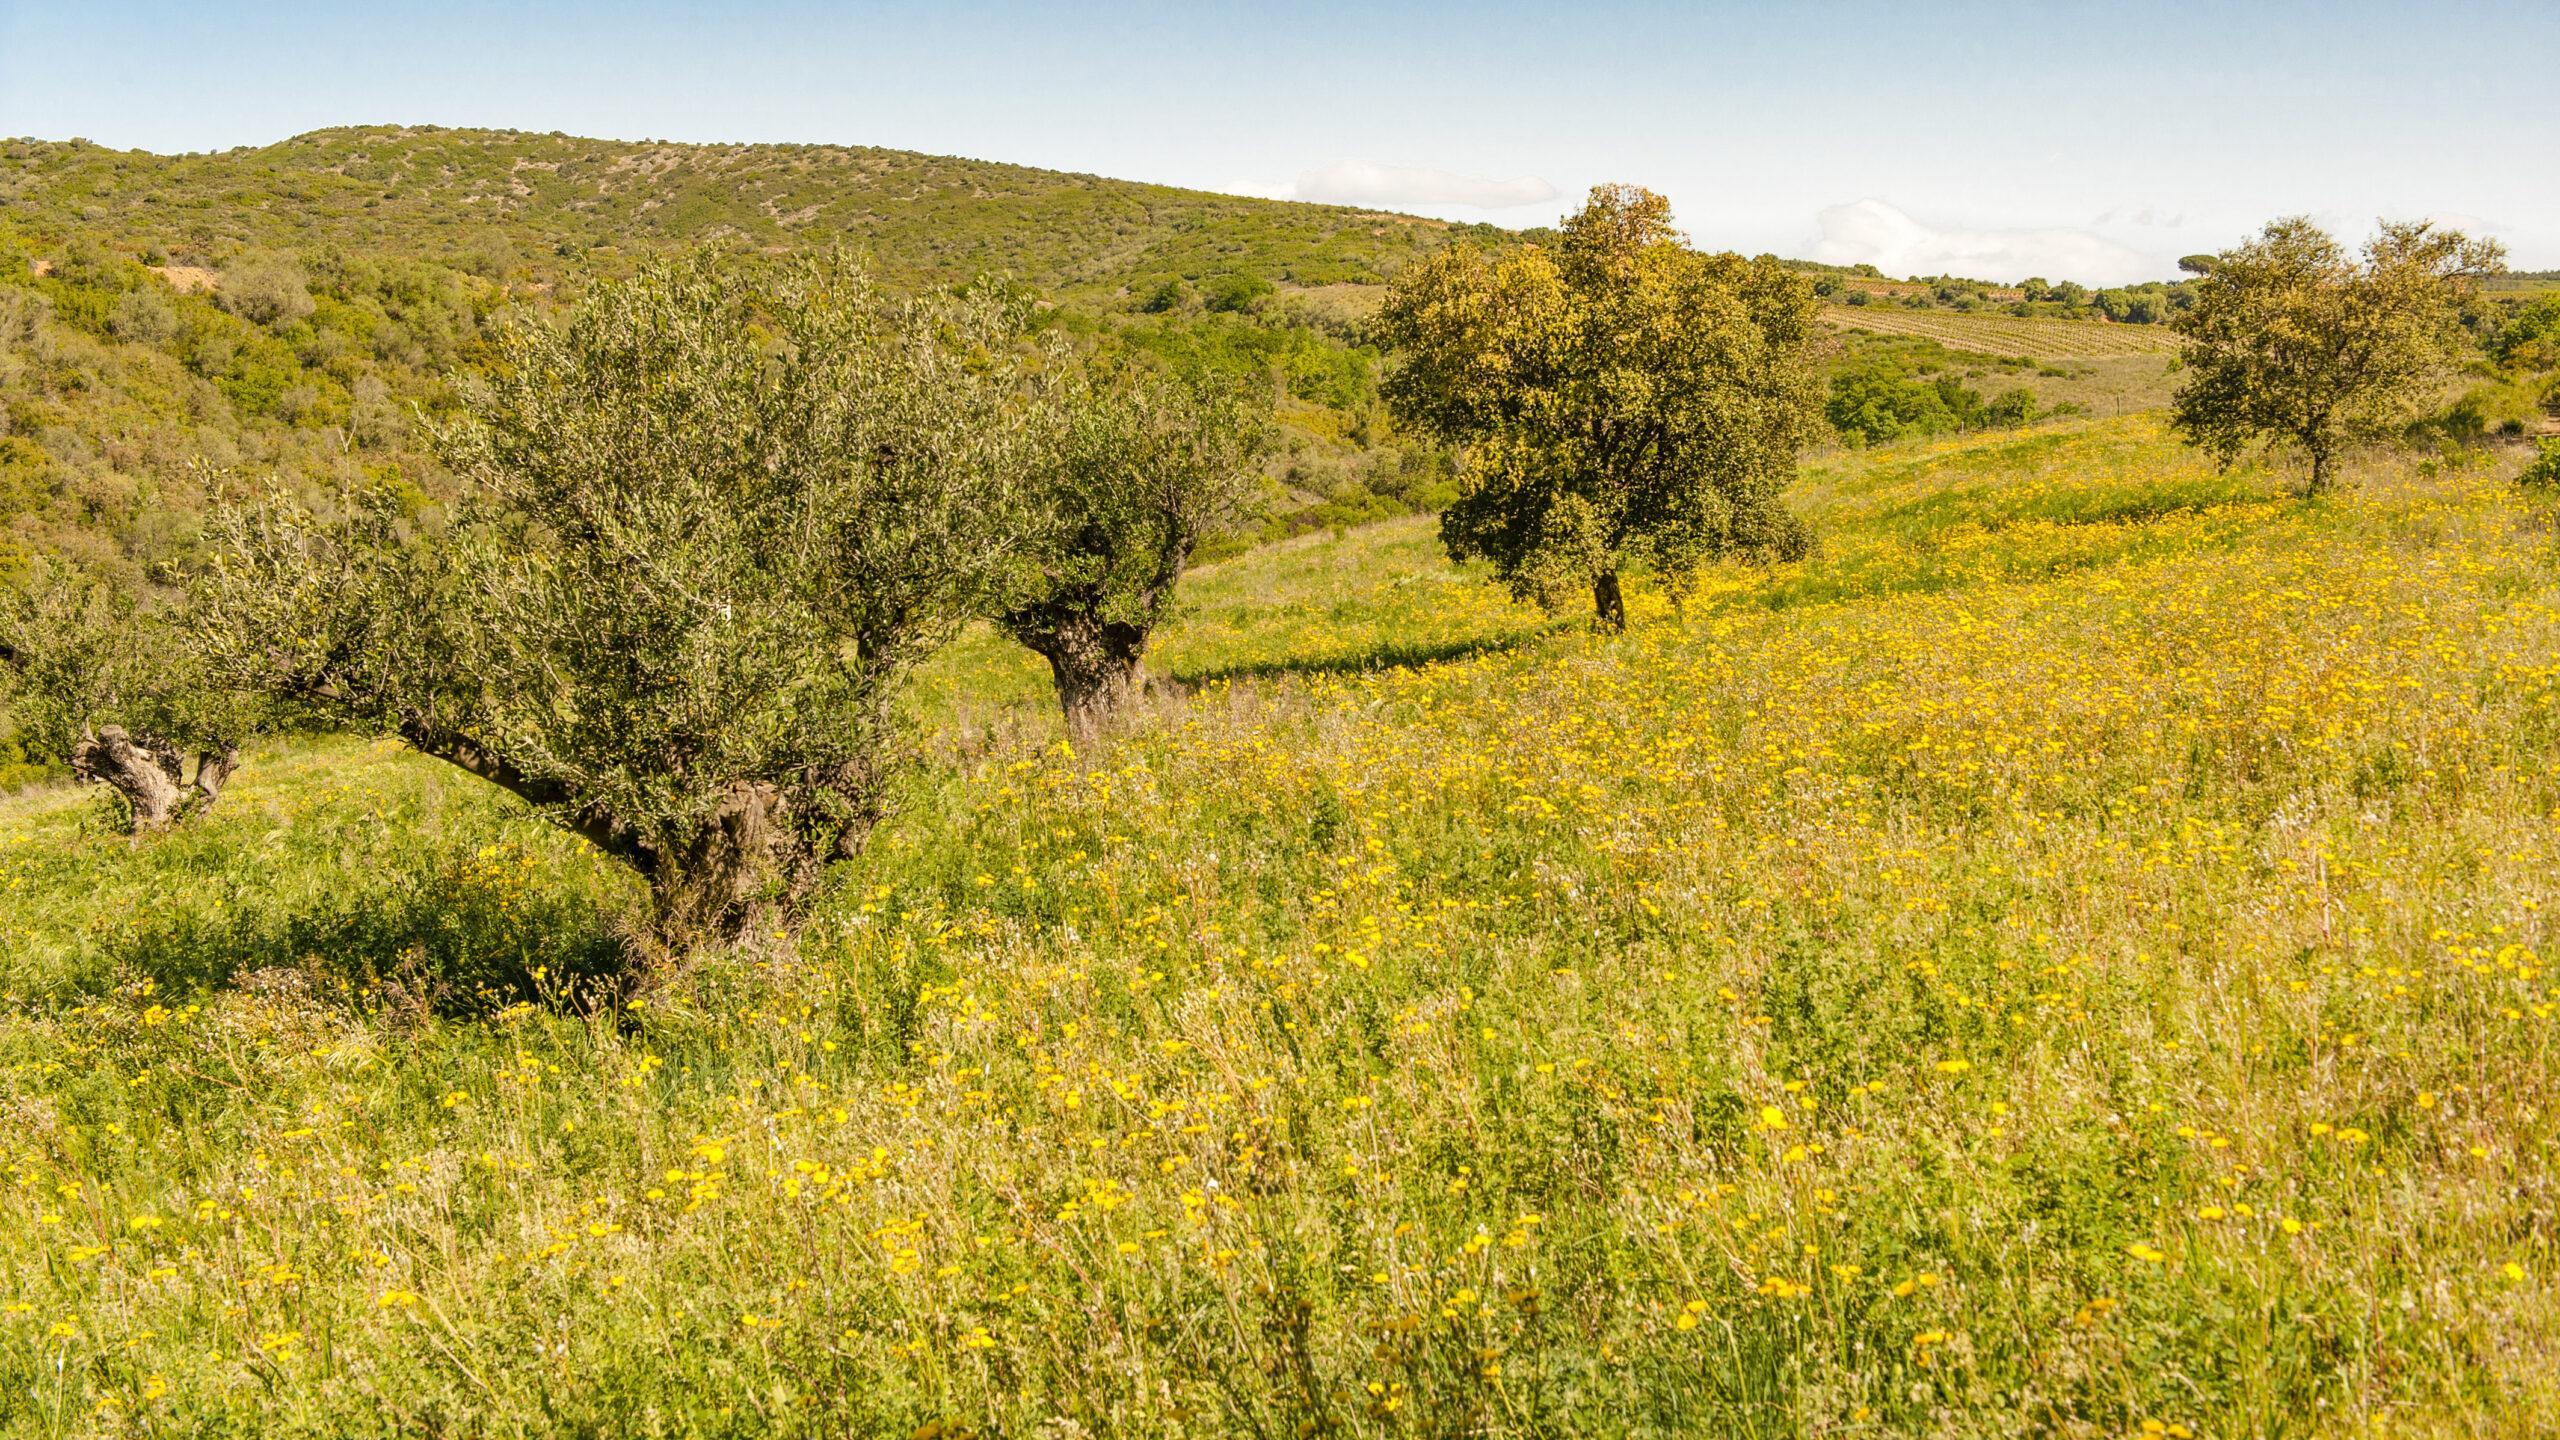 Der Olivenhain der Moulin de Canterrane. Foto: Hilke Maunder